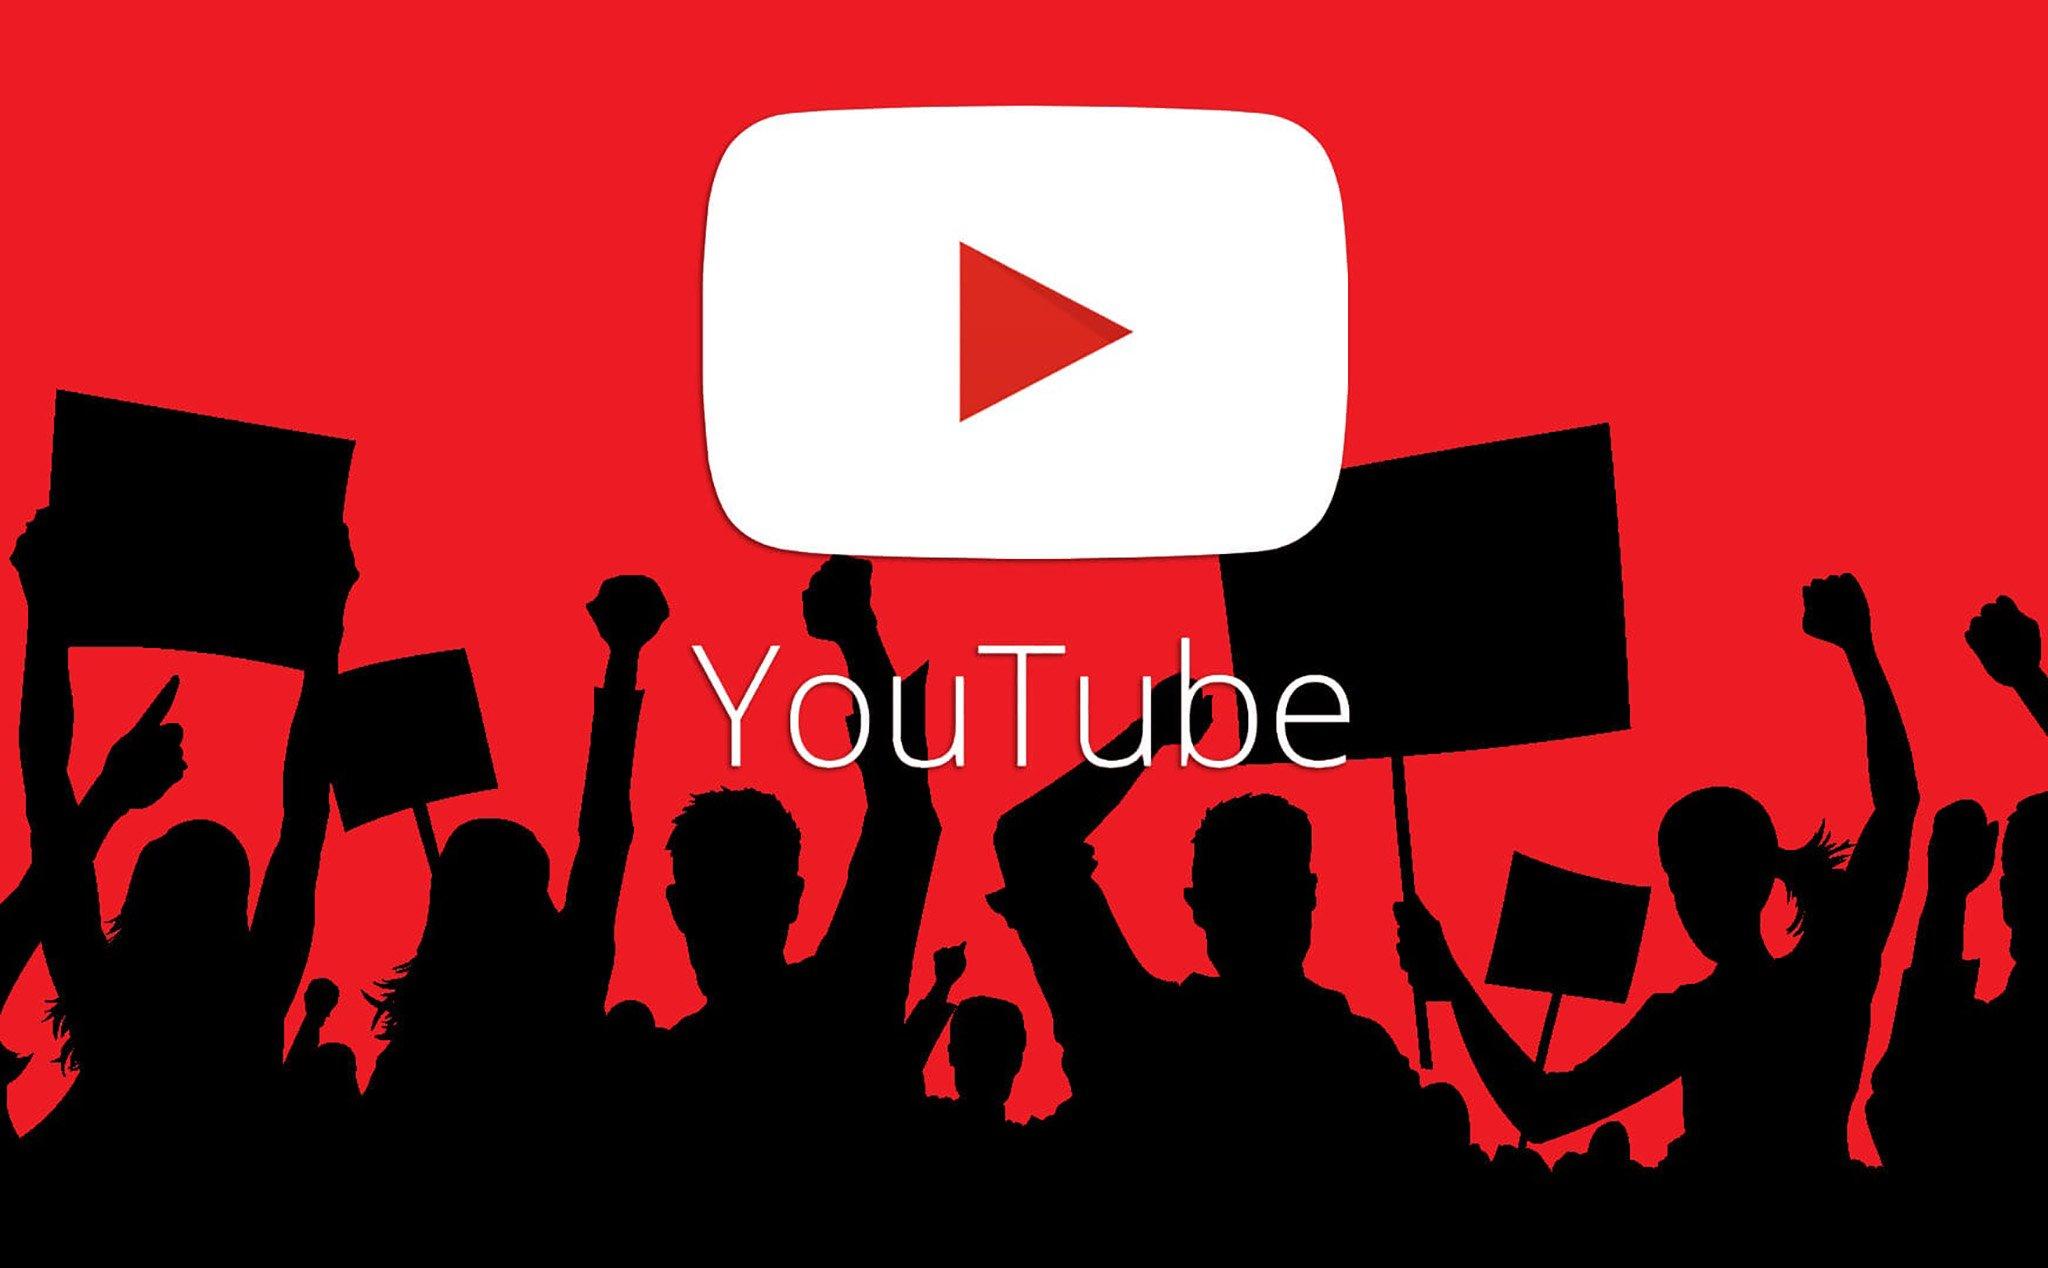 Youtuber là gì? 4 cách kiếm tiền từ youtube bạn nên biết